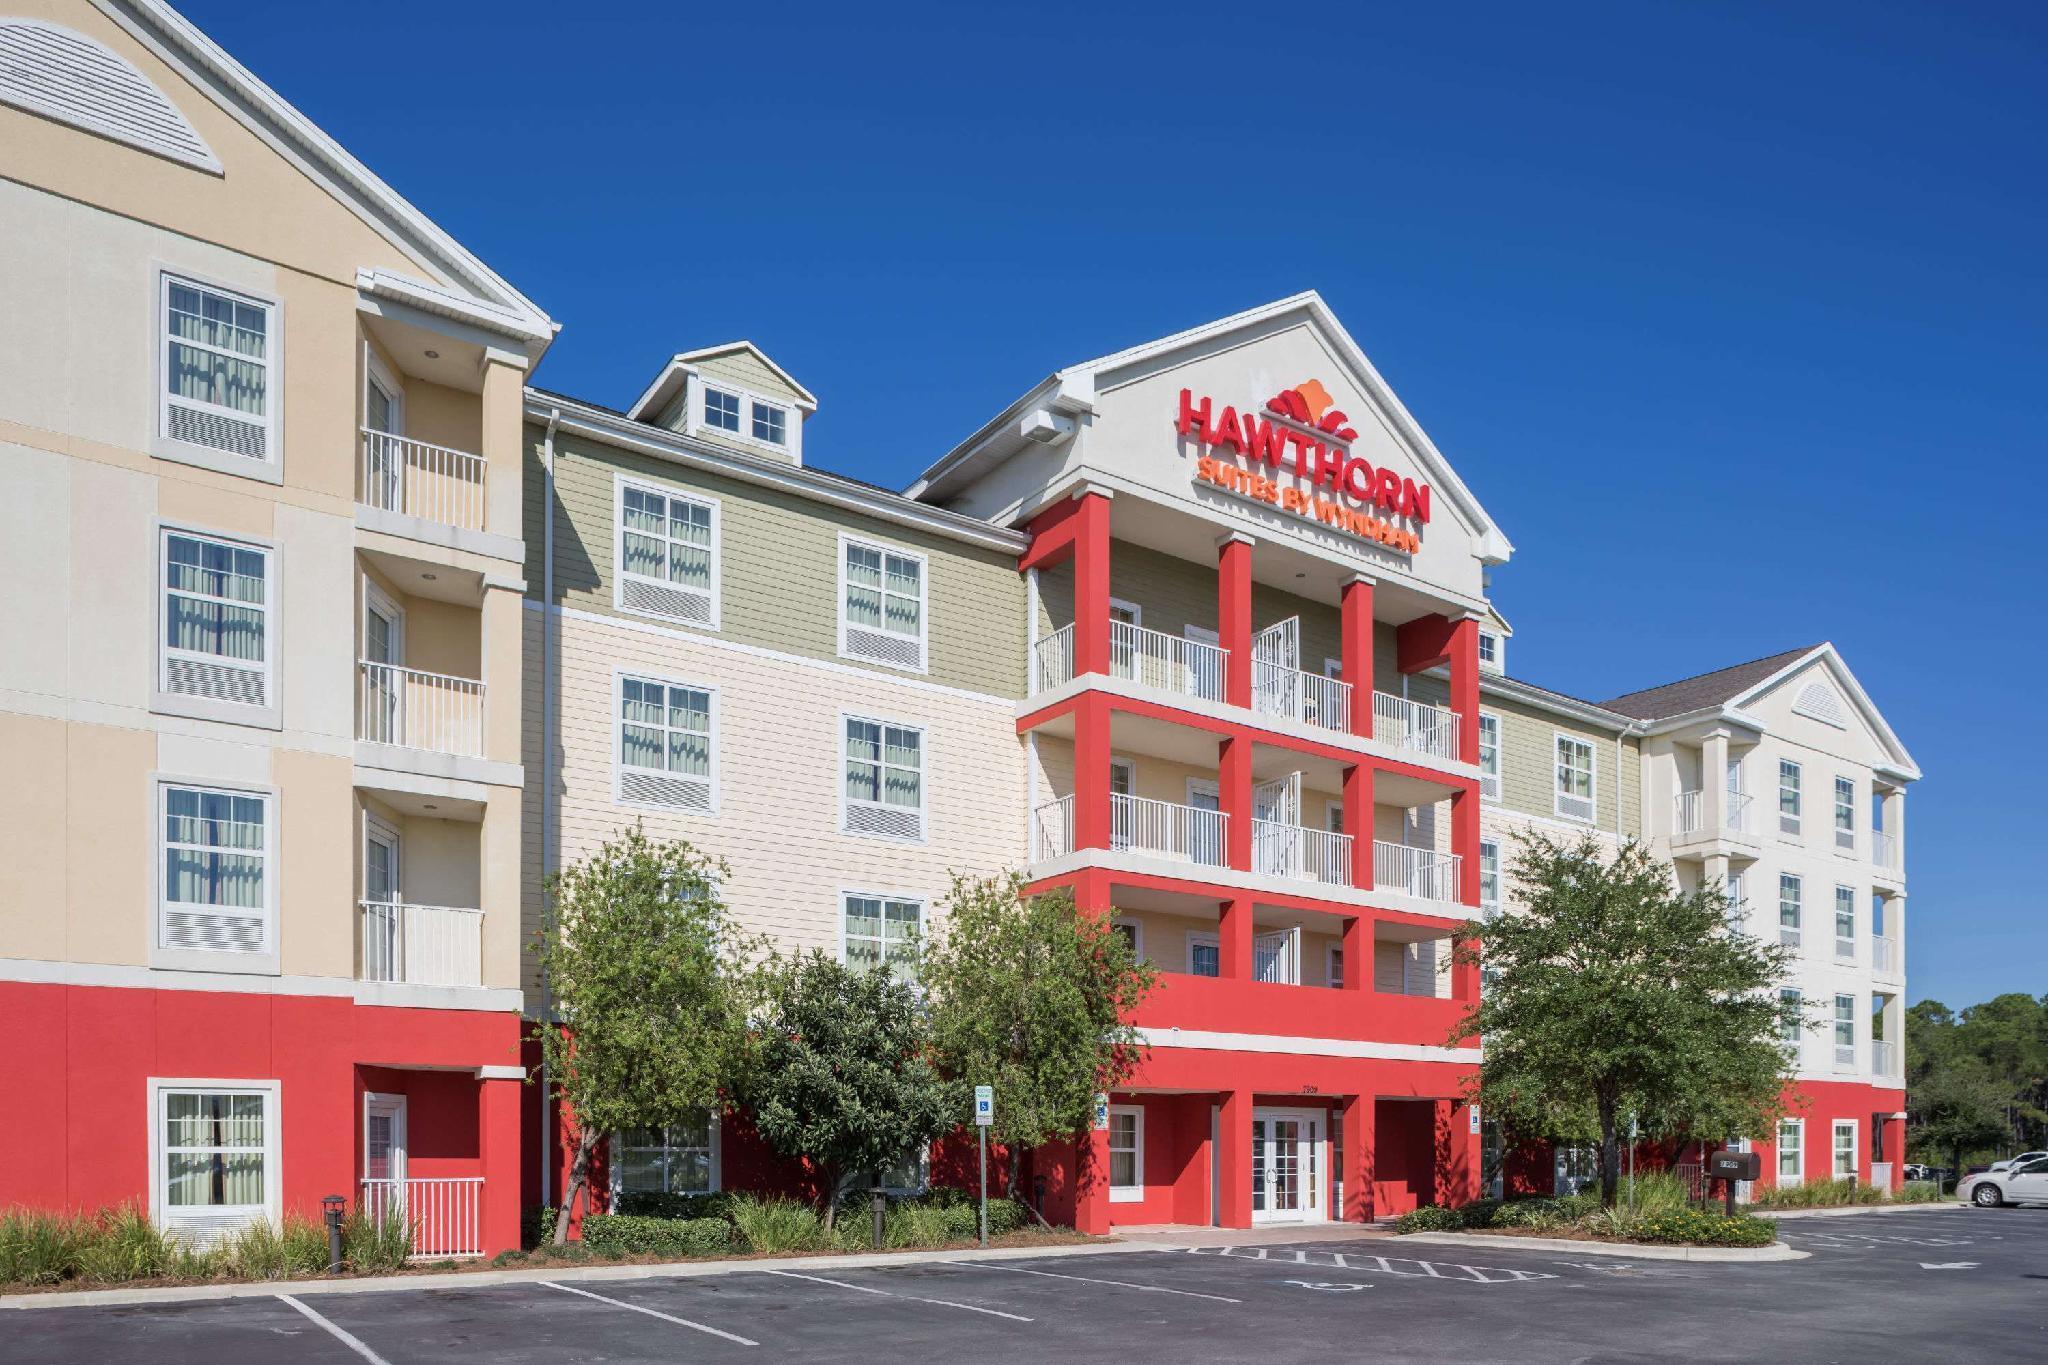 Hawthorn Suites By Wyndham Panama City Beach FL